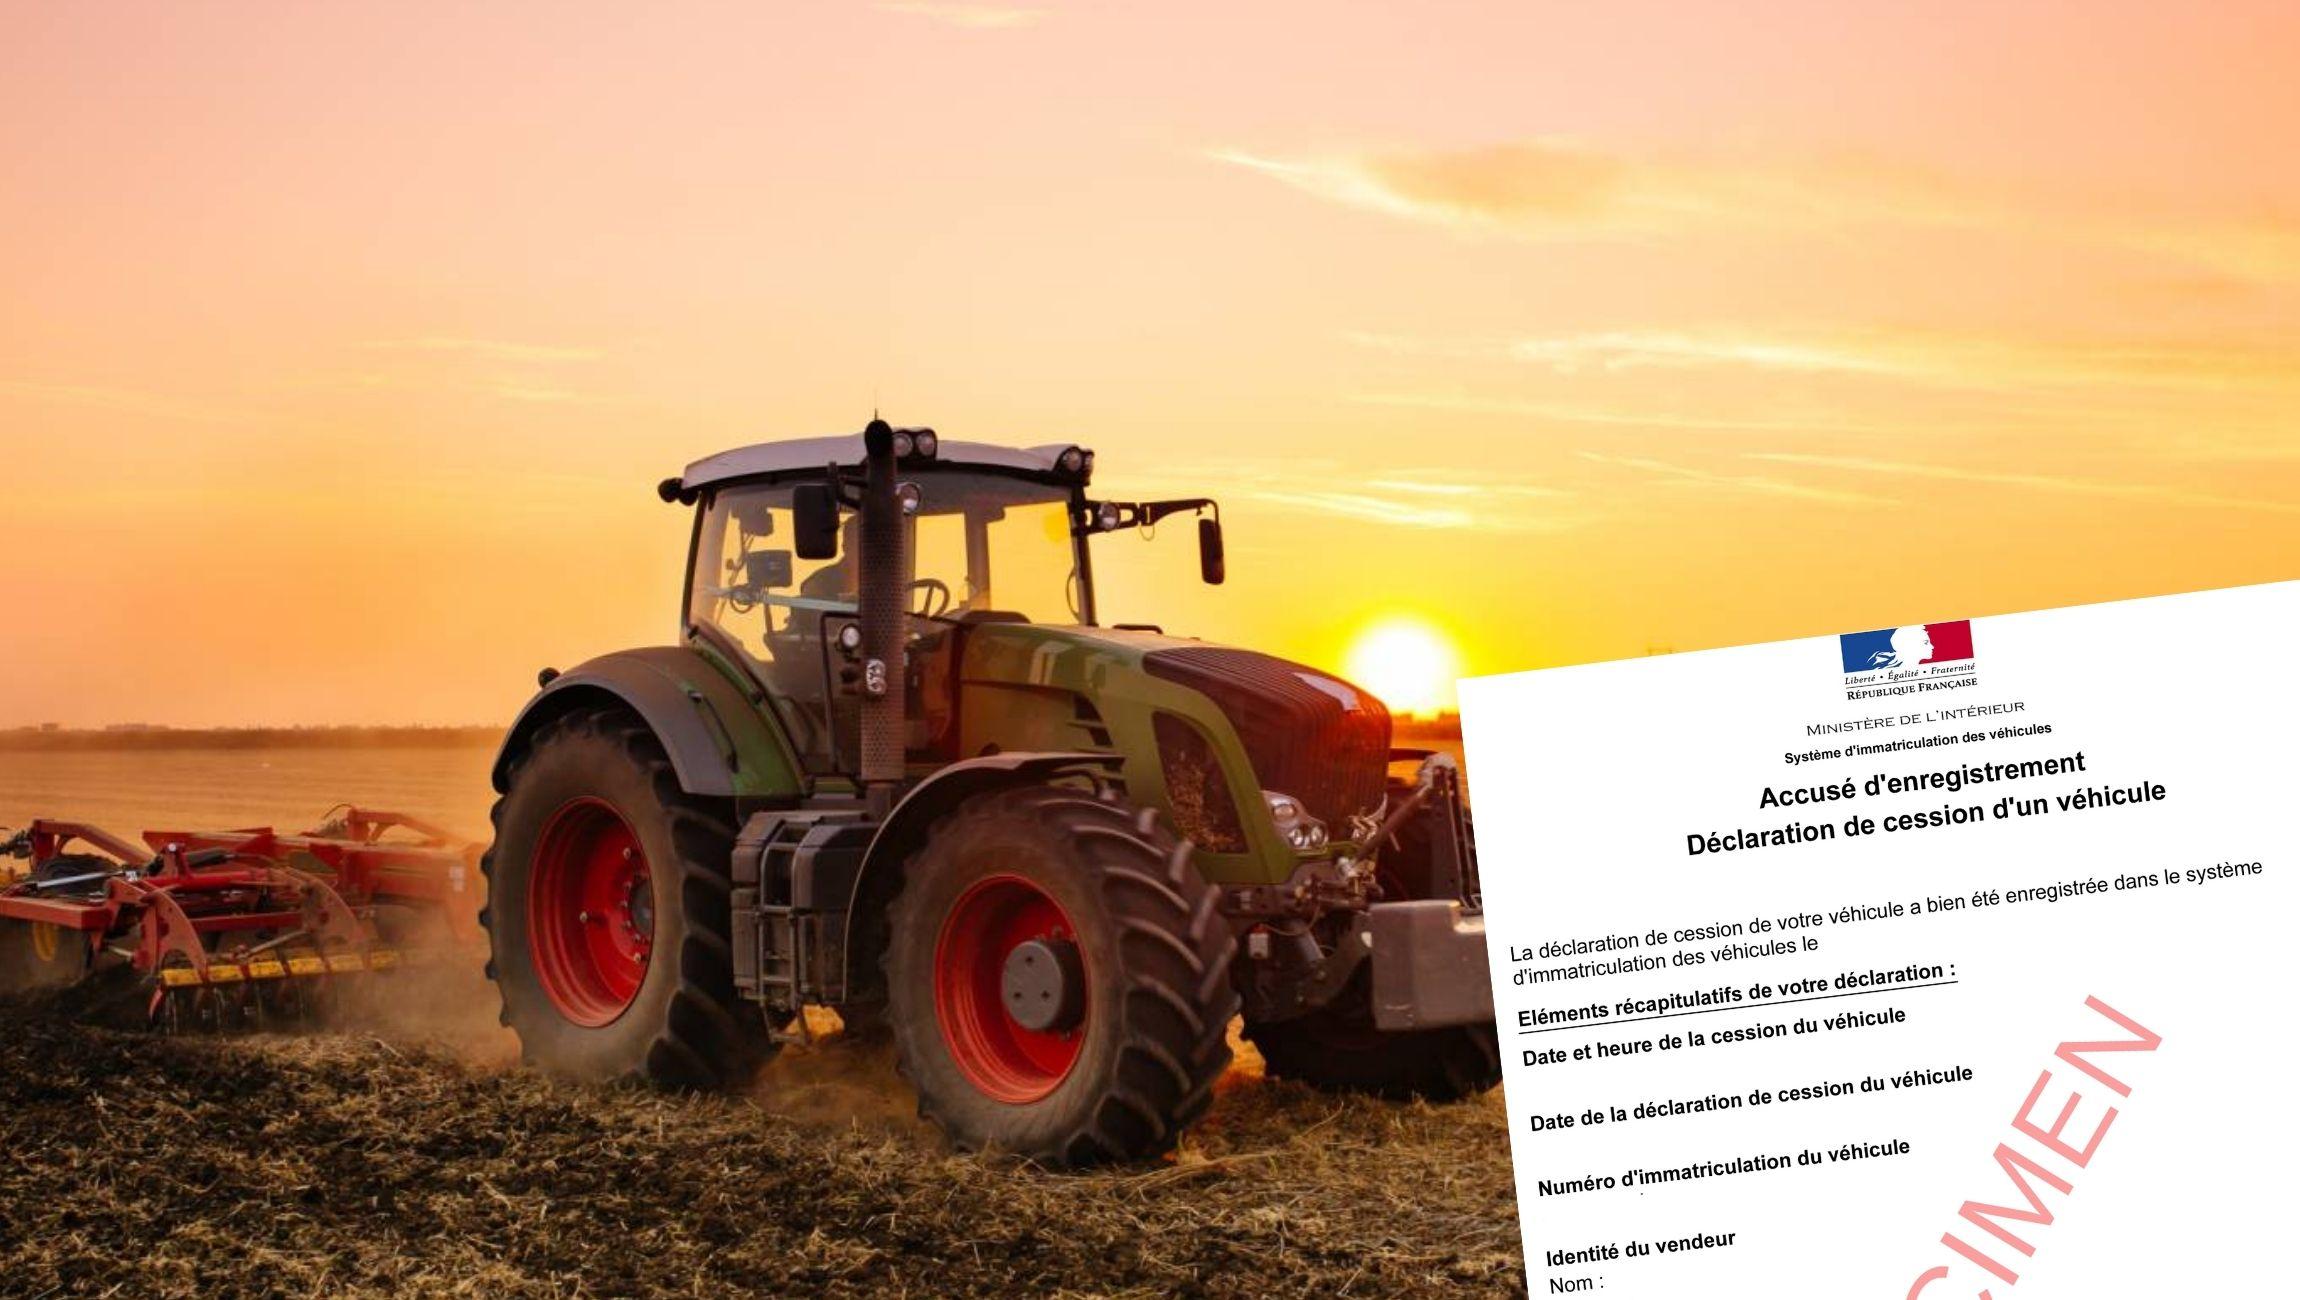 Déclaration de cession d'un tracteur : comment faire ?